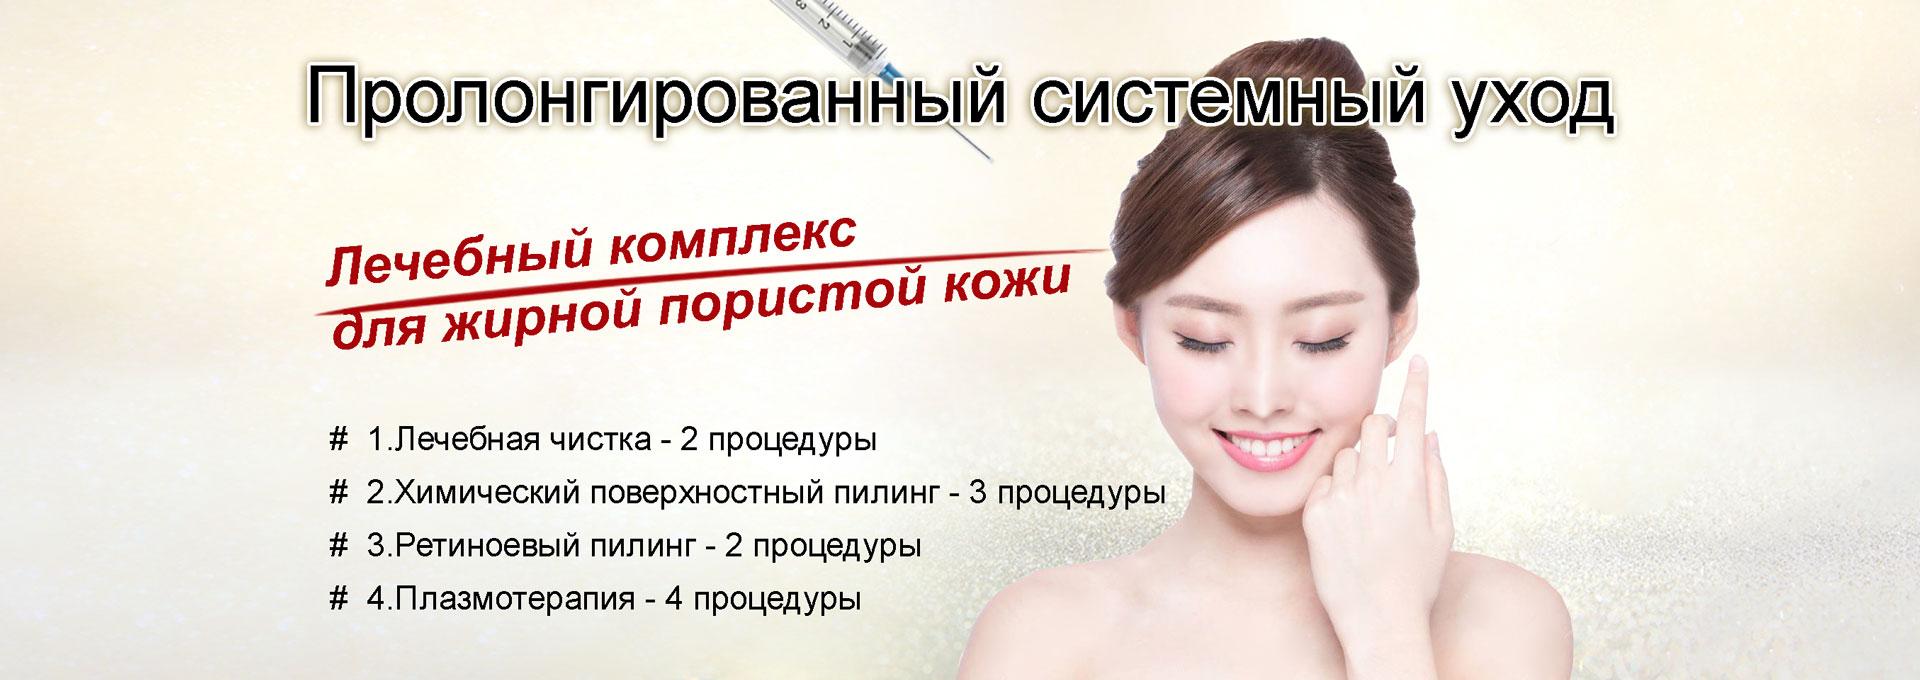 Bb glow treatment, тональный крем на год, тональный крем на 1 год, тональный крем, тональный крем кожи, тональный крем алматы, тональный крем для сухой кожи, лучший тональный крем, тональный крем для сухой, тональный крем для лица, тональный крем bb, лучший крем для тональной кожи, корейский тональный крем, эффект тонального крема, тональный крем для проблемной, тоналка, тоналка на год, жирная кожа, жирная кожа лица, жирная проблемная кожа, сухая жирная кожа, жирная кожа что делать, жирная комбинированная кожа, уход за жирной кожей, веснушки, веснушки на лице, как избавиться от веснушек, круги под глазами, темные круги под глазами, черные круги под глазами, темные круги под глазами у женщин, синие круги под глазами, красные круги под глазами, как убрать круги под глазами, пигментные пятна, пигментные пятна на лице, удаление пигментных пятен, пигментные пятна на лице как избавиться, как убрать пигментные пятна, удаление пигментных пятен на лице, отбеливающий пигментные пятна, как избавиться от пигментных пятен